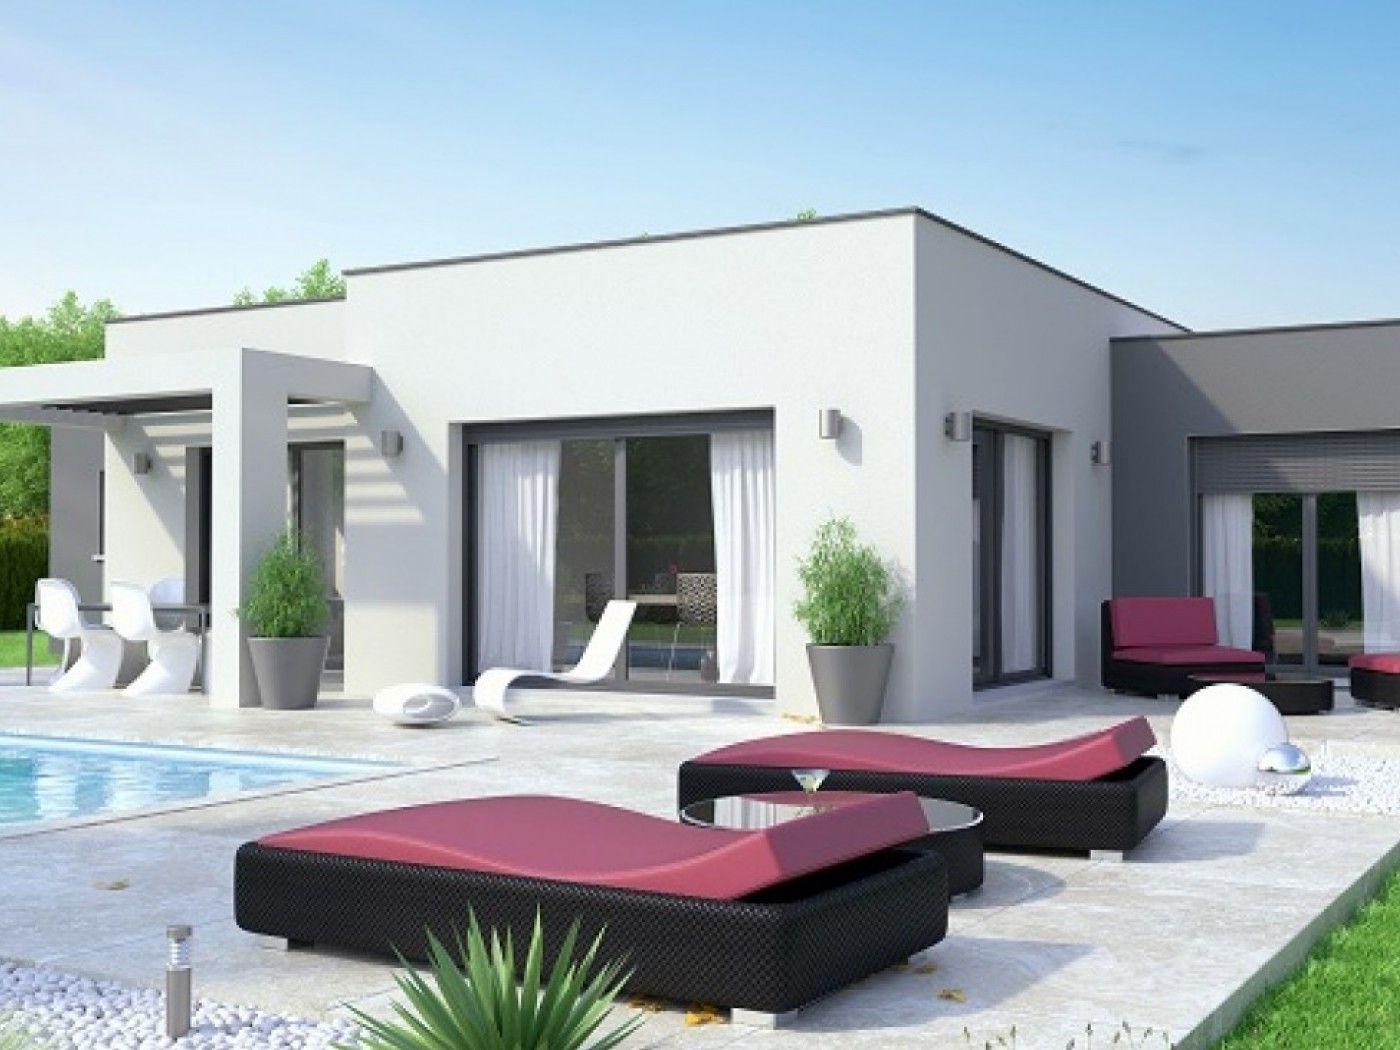 Petite Maison Contemporaine Toit Plat relativ petite maison contemporaine toit plat - maison françois